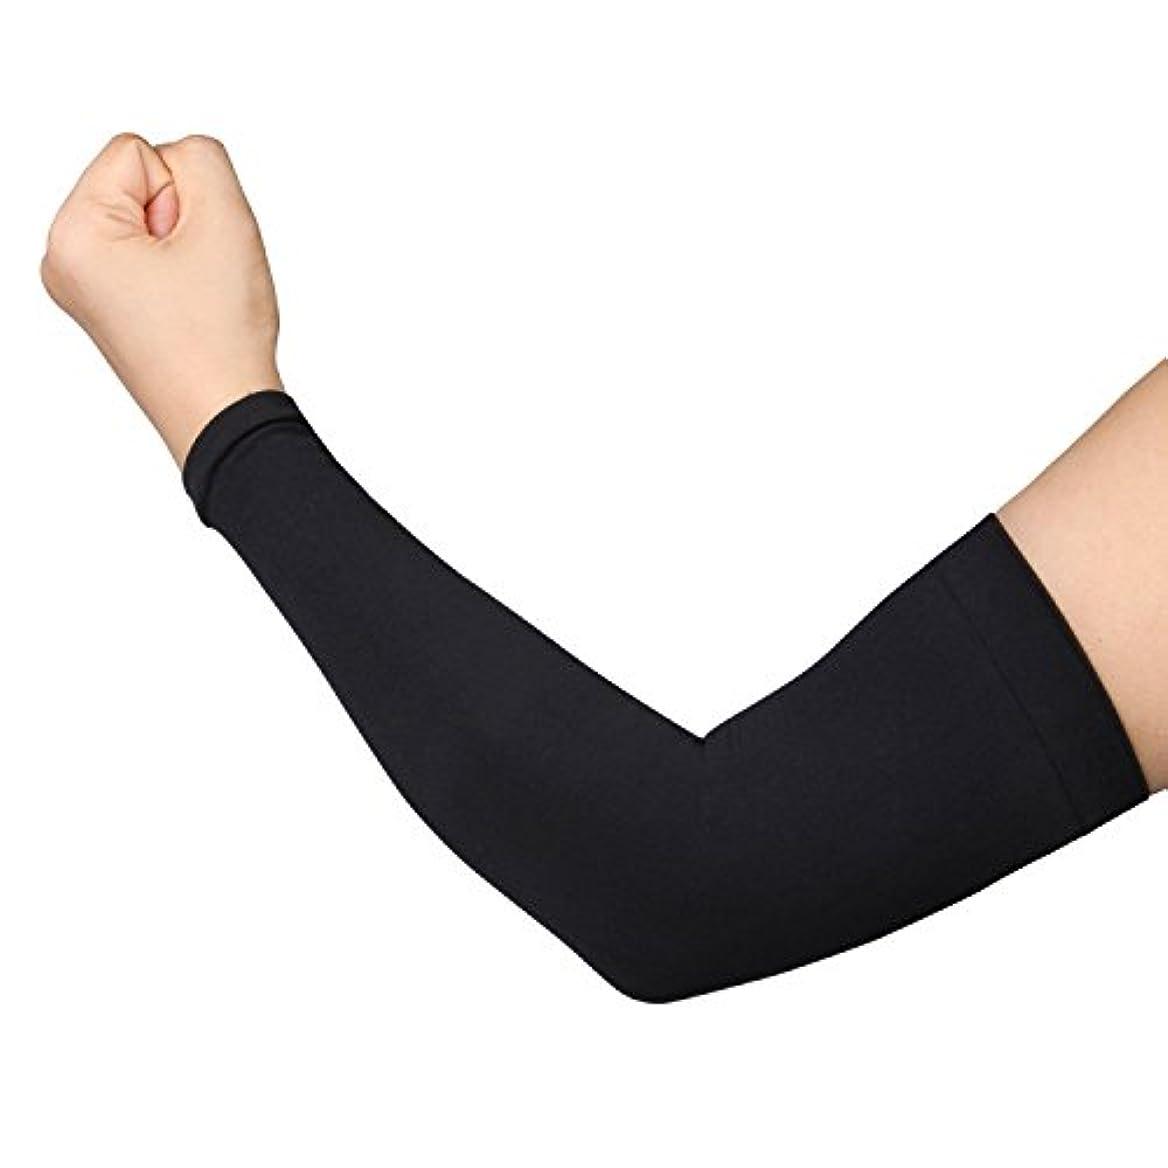 織るワックスシェアアームカバー 【4枚組】腕カバー 無地 吸汗速乾 滑り止め UPF50+ UV対策 日焼け止め 紫外線対策 スポーツ 自転車 冷房対策 男女兼用 左右兼用 NONNBIRI